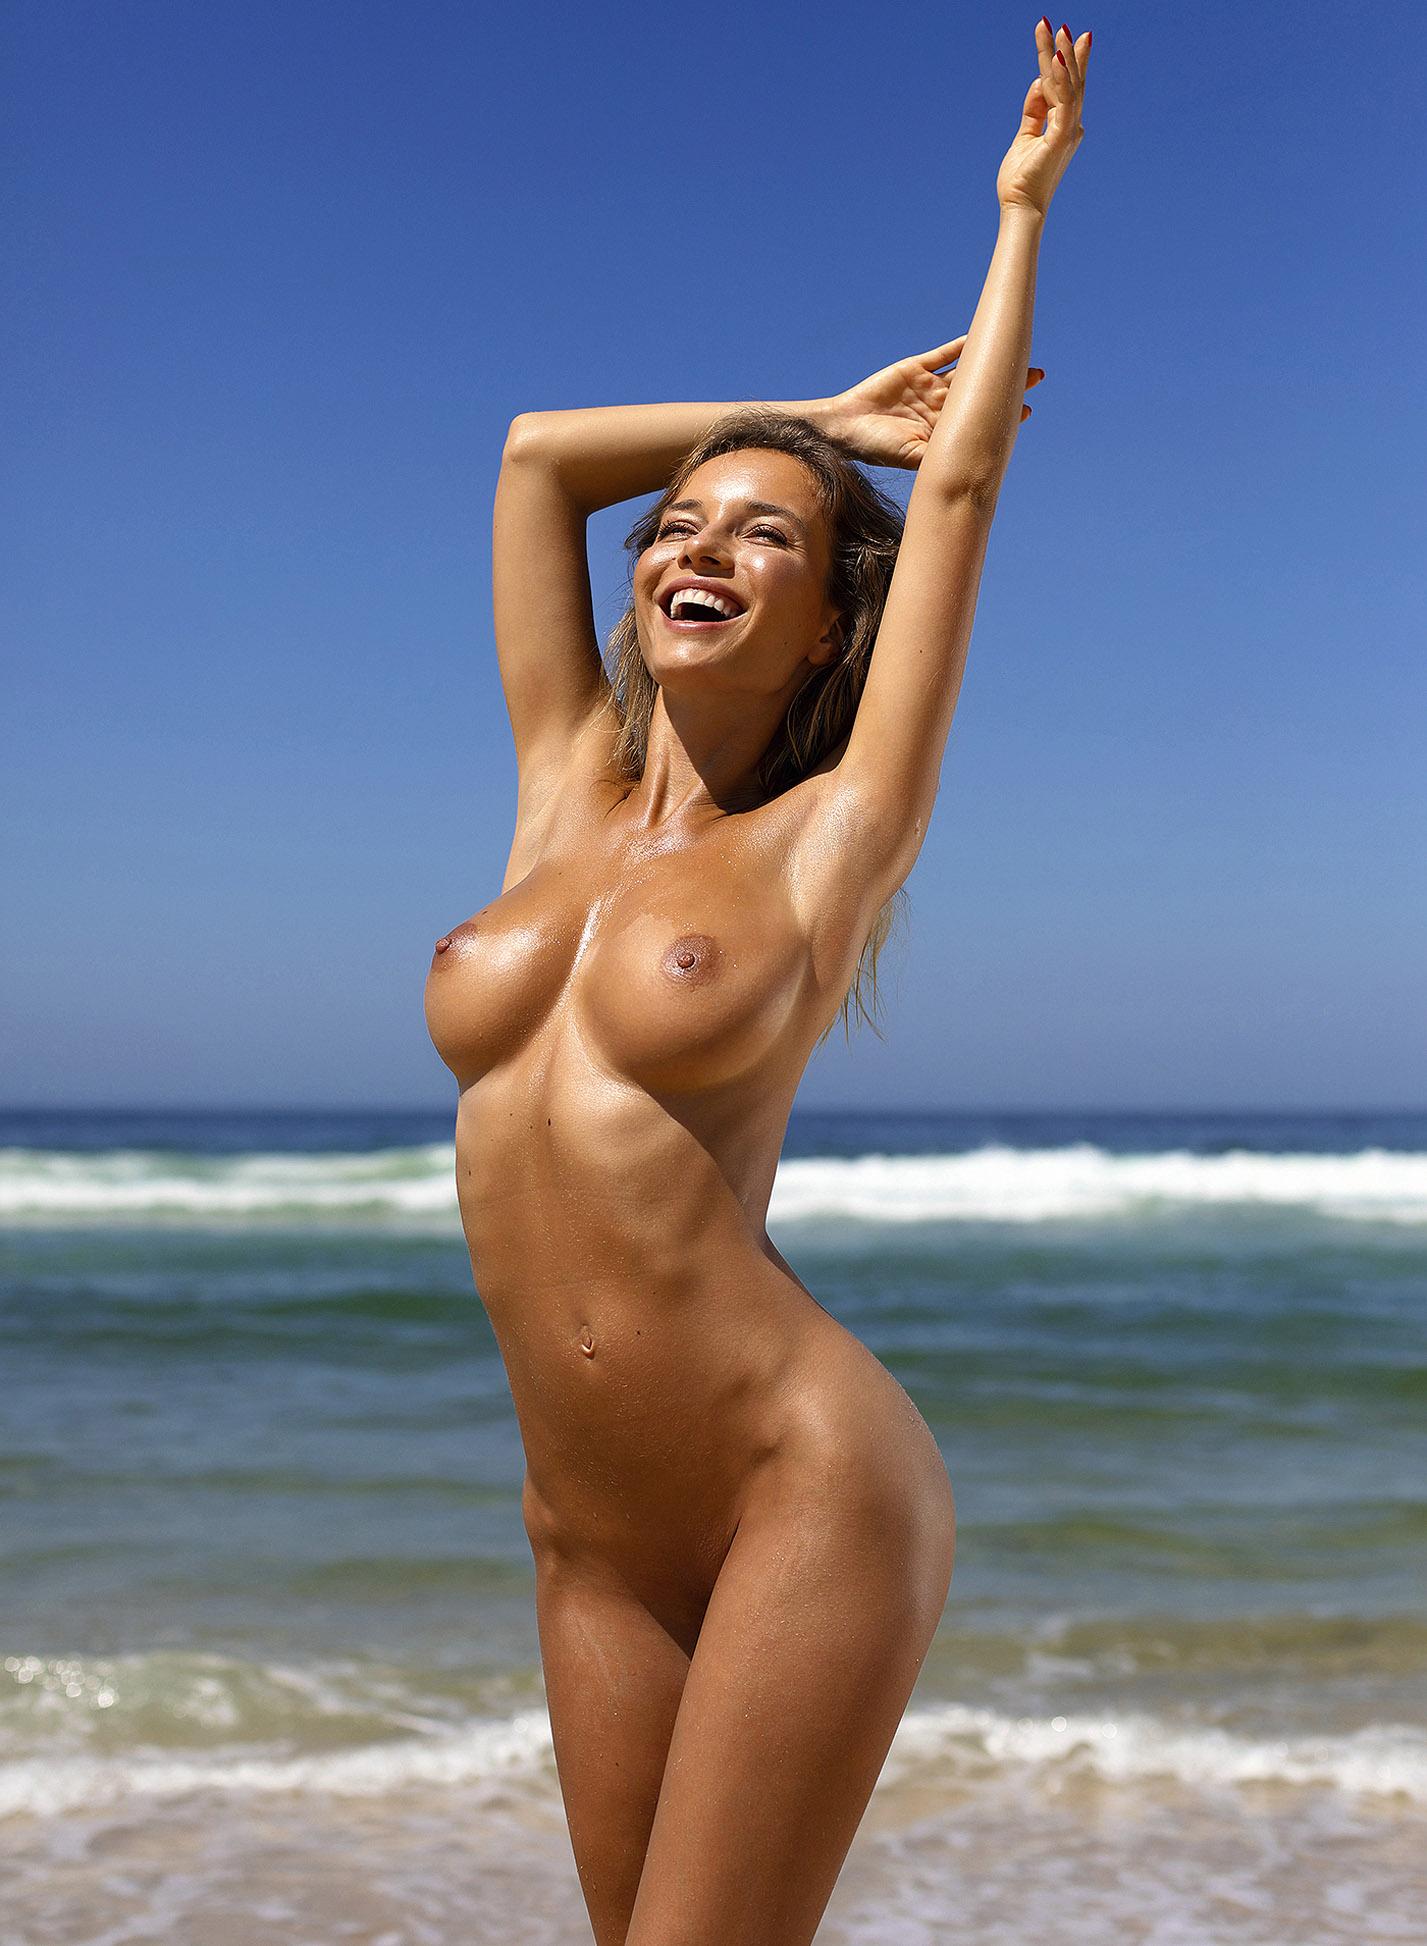 Сексуальная голая Наталья Андреева под жарким солнцем на диком пляже в Португалии / фото 21